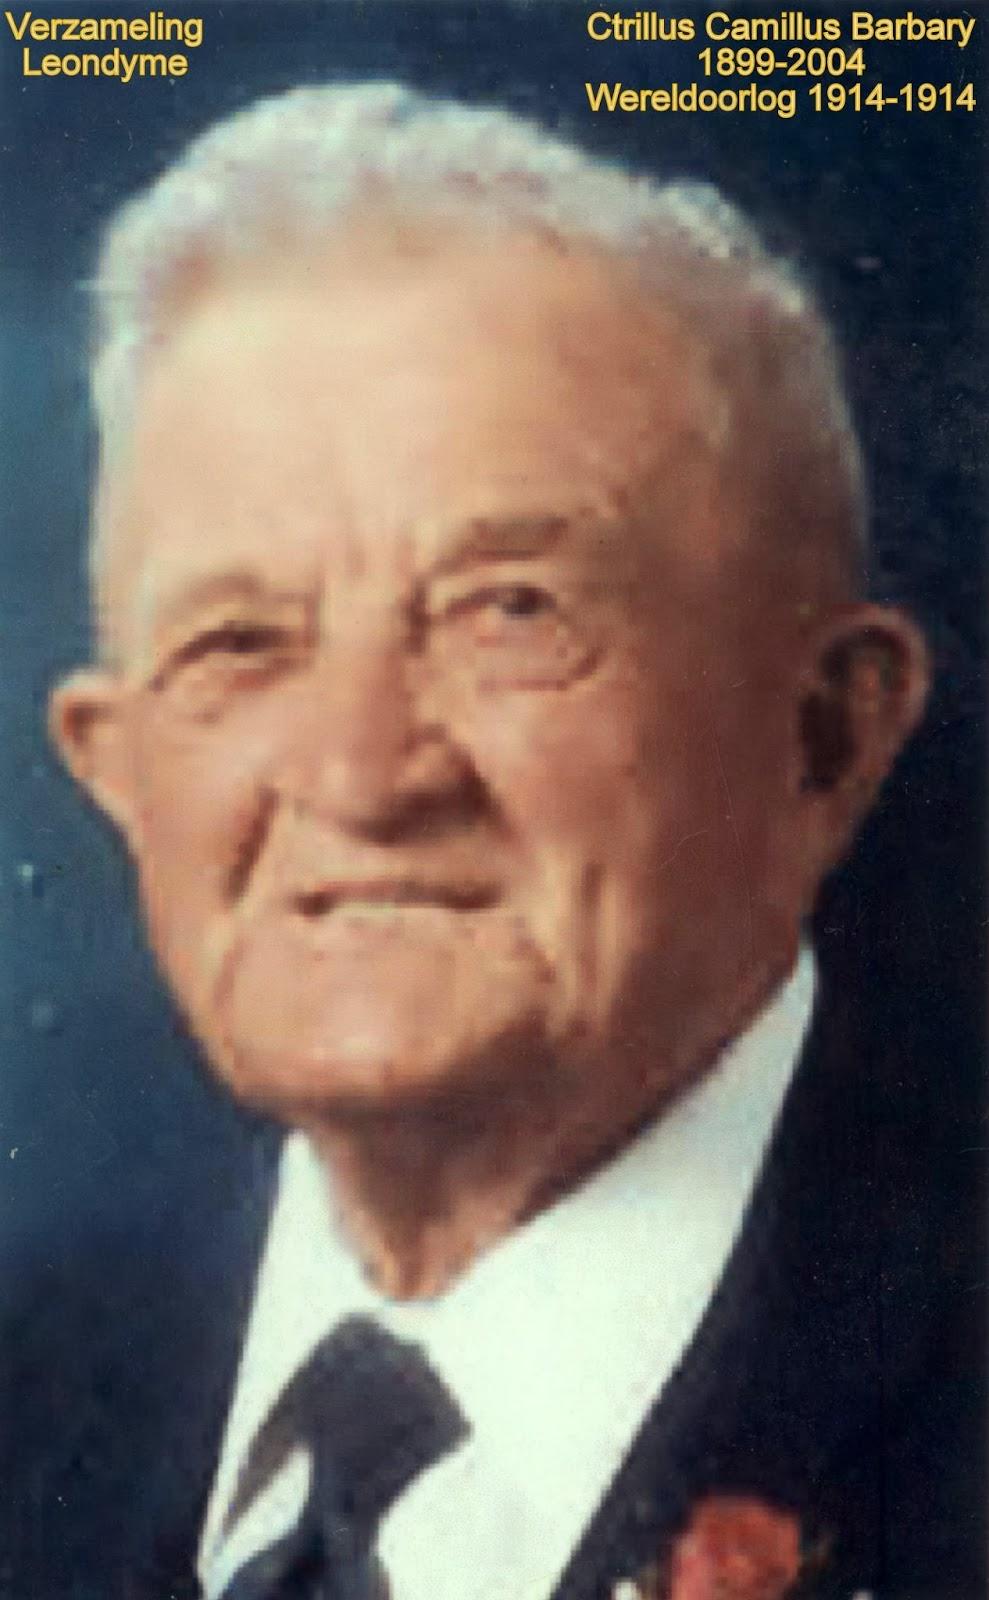 Cyriel Barbary